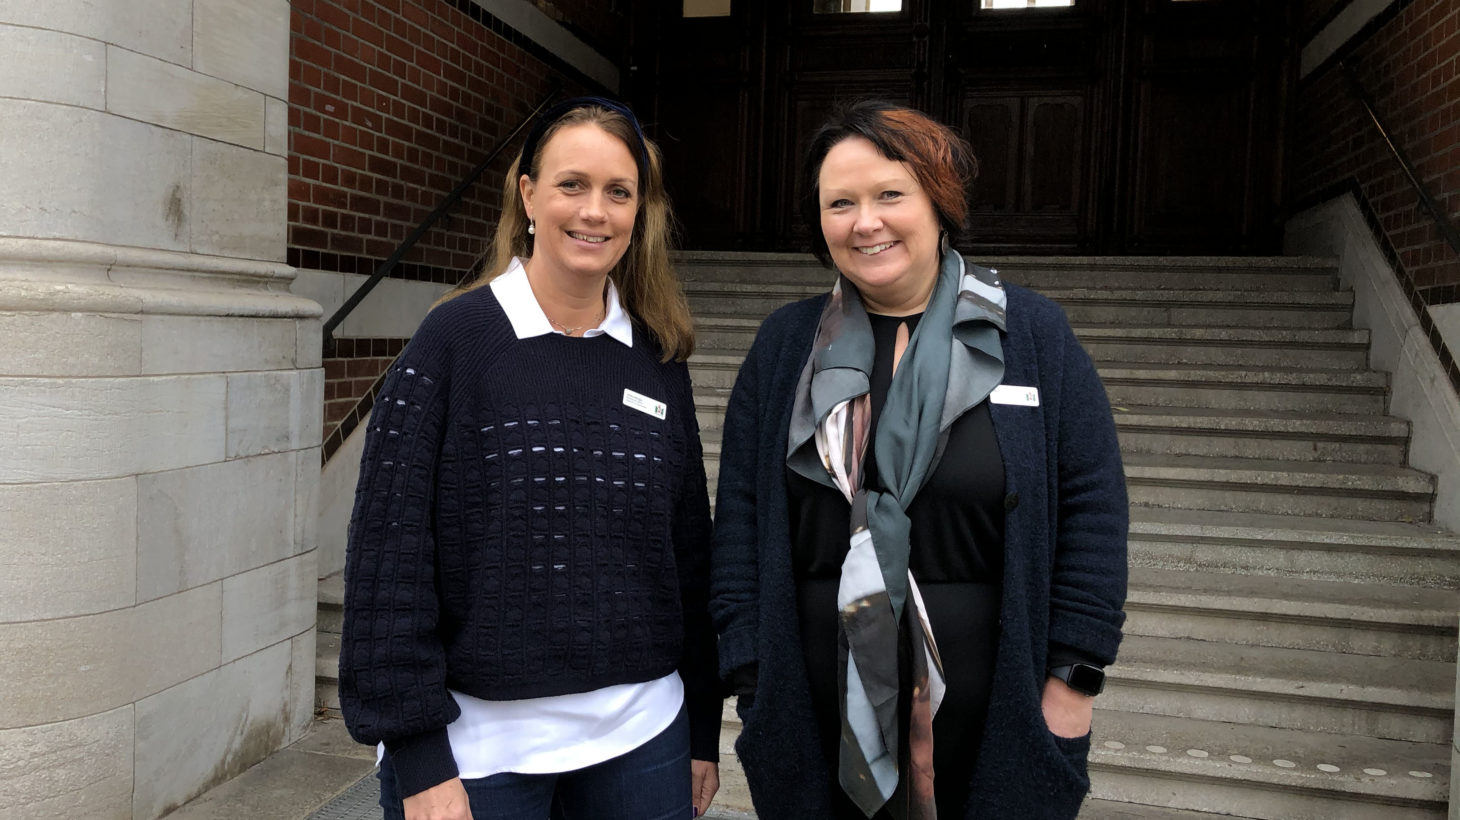 Ulrika Wirgin och Nina Svensson står utanför ingången till Mellersta Förstadsskolan.